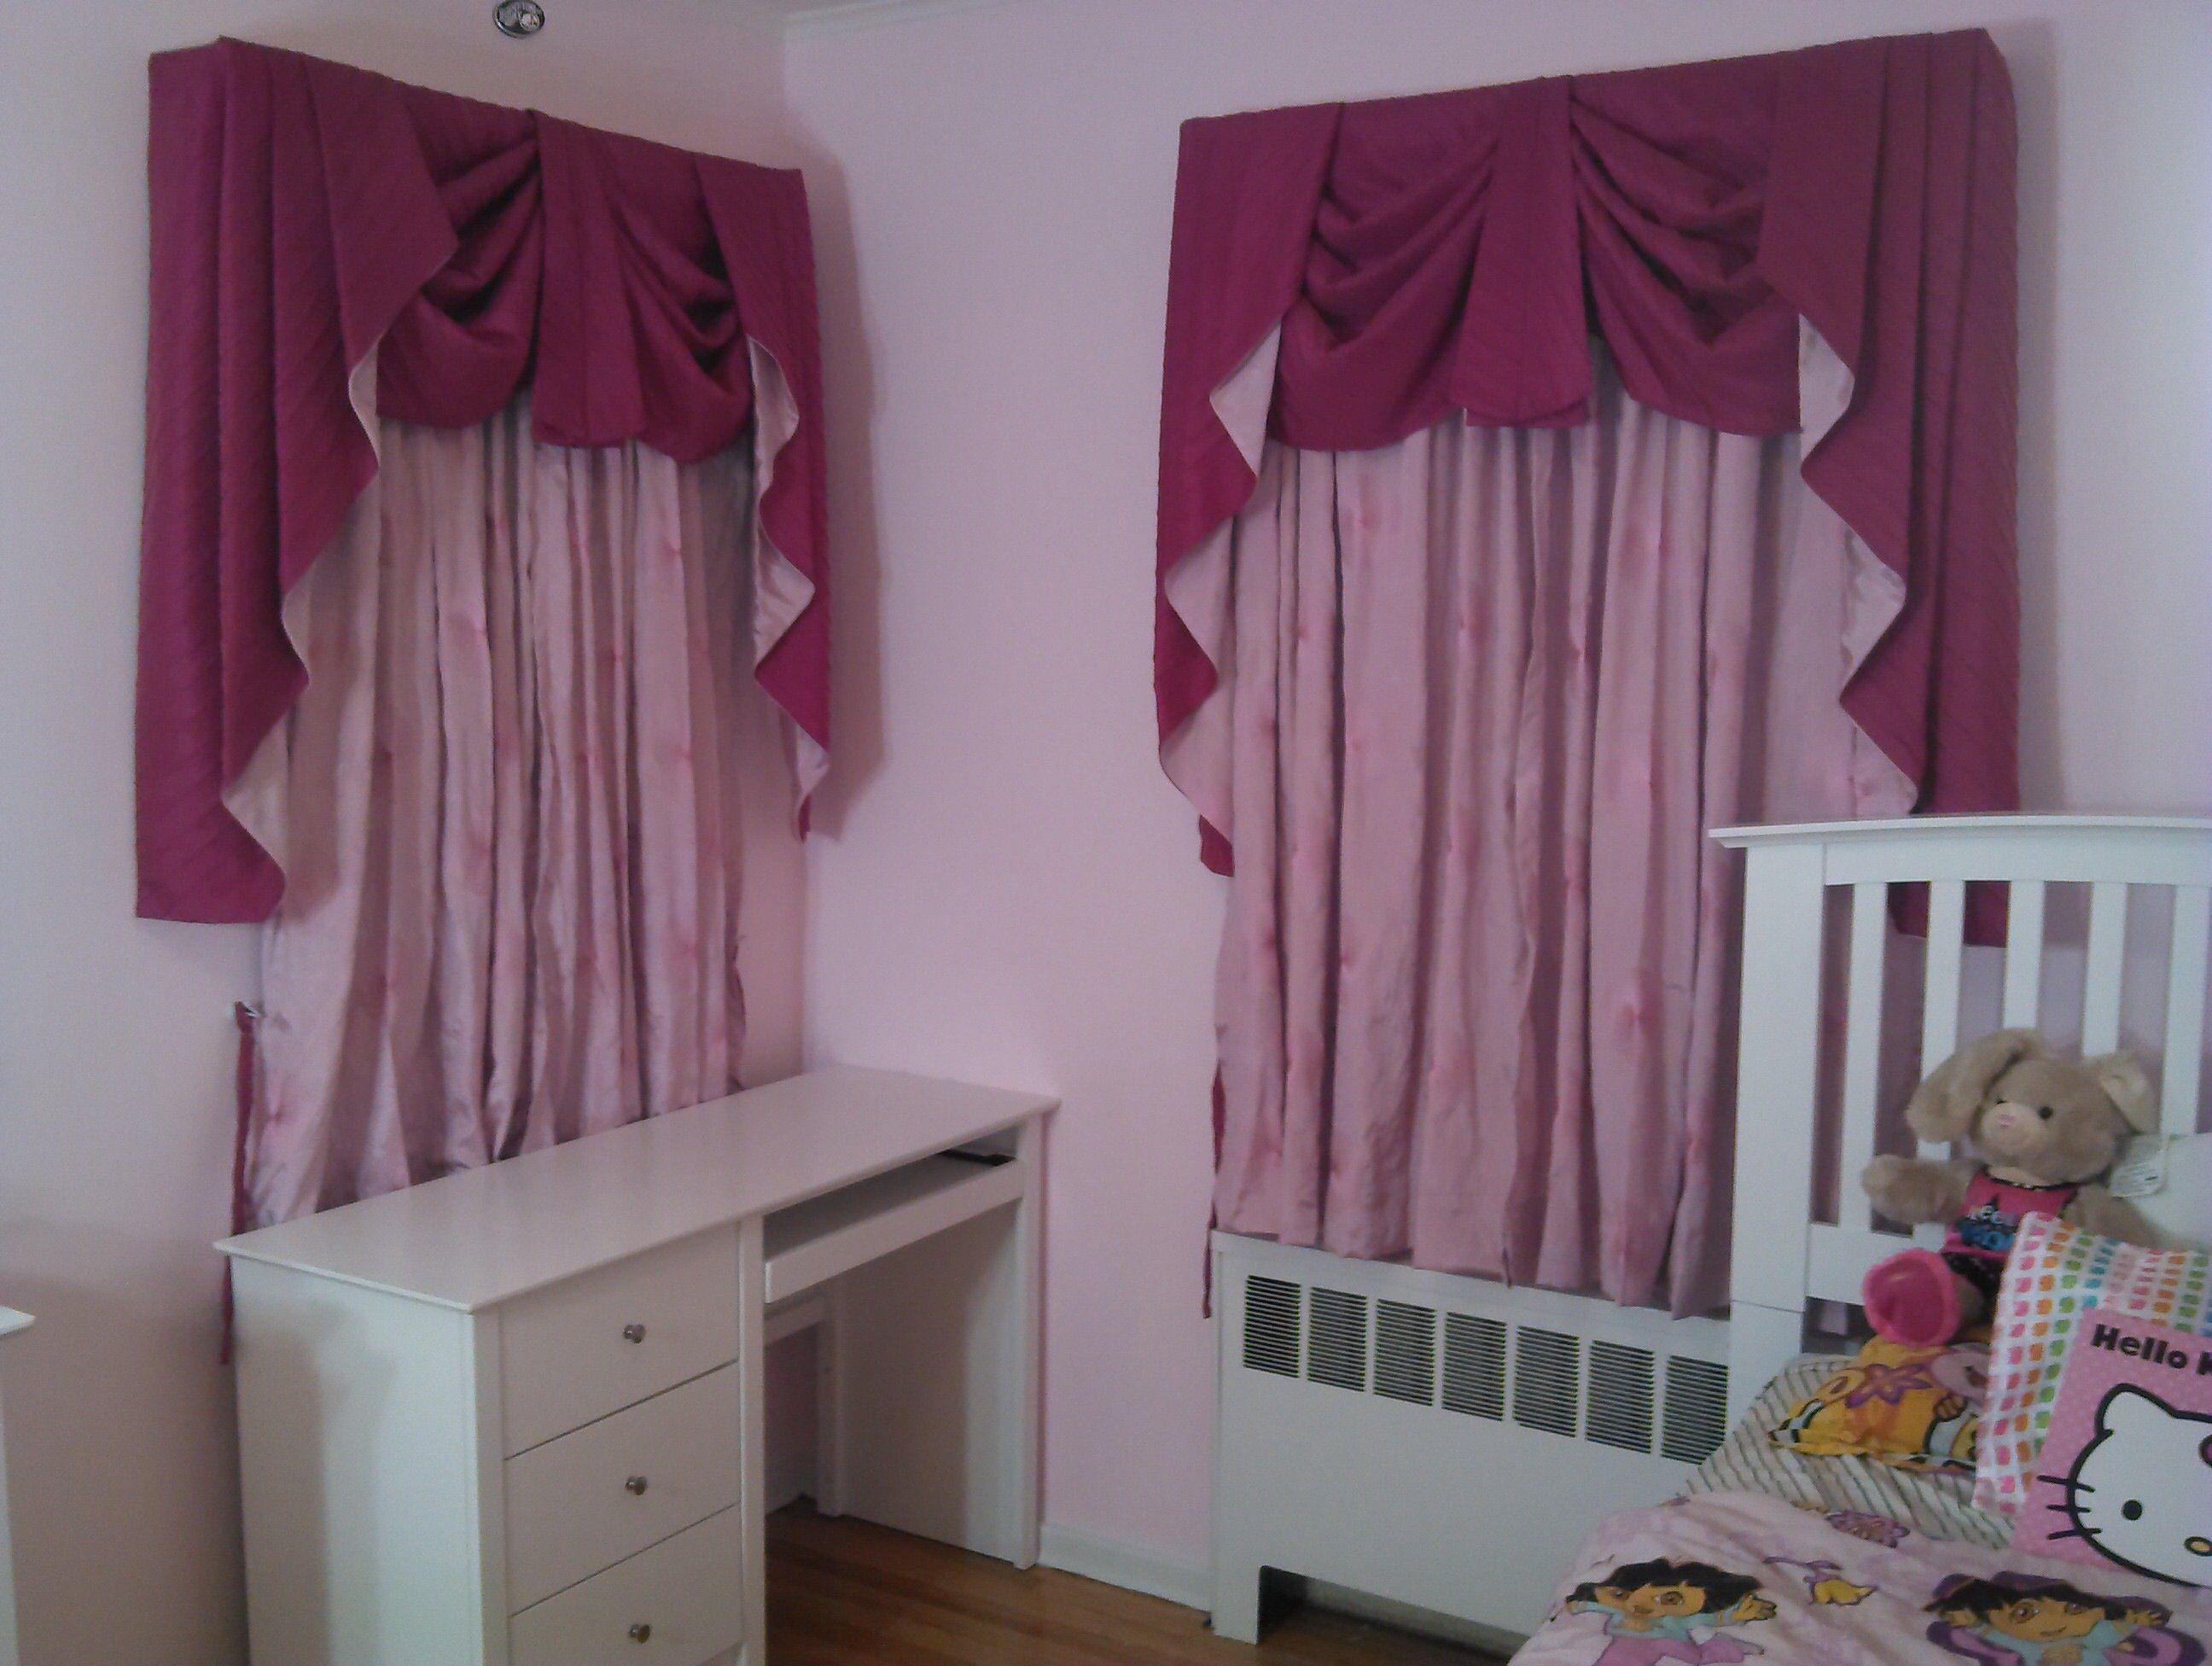 Cortinas con cenefa Drapeada | Cortinas para dormitorio | Window ...